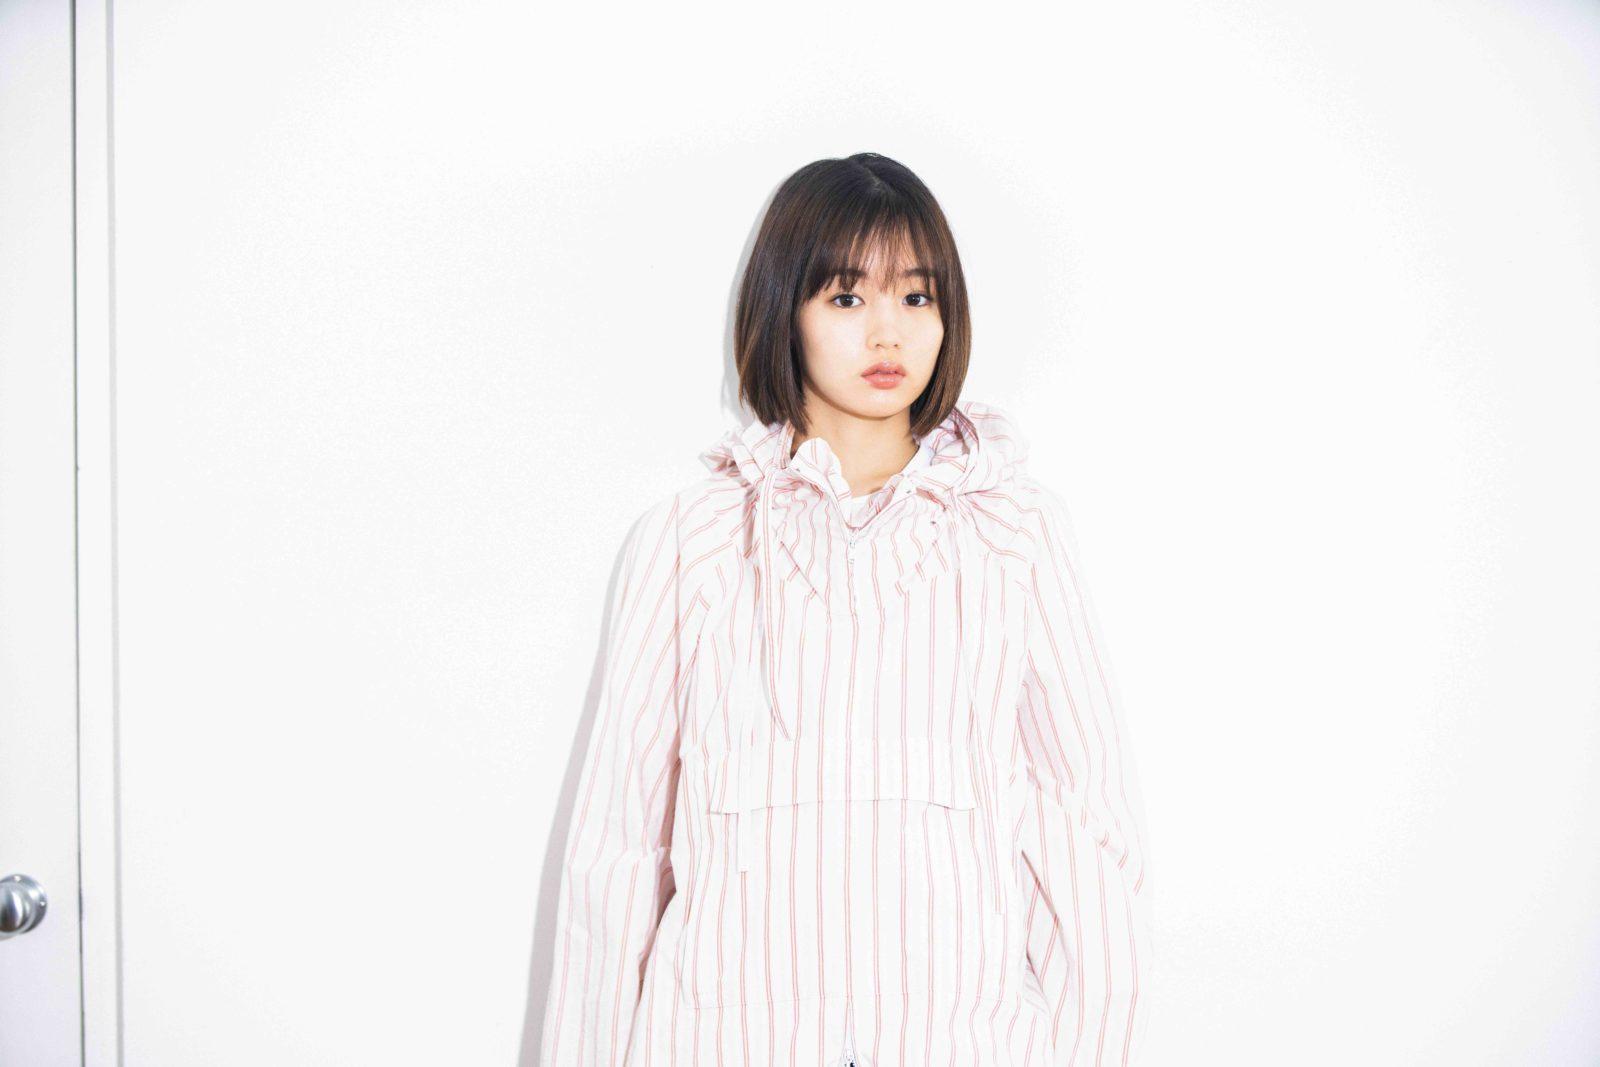 藤原さくら、2曲同時ドラマ主題歌「Twilight」「Ami」をデジタルシングルとしてリリース決定サムネイル画像